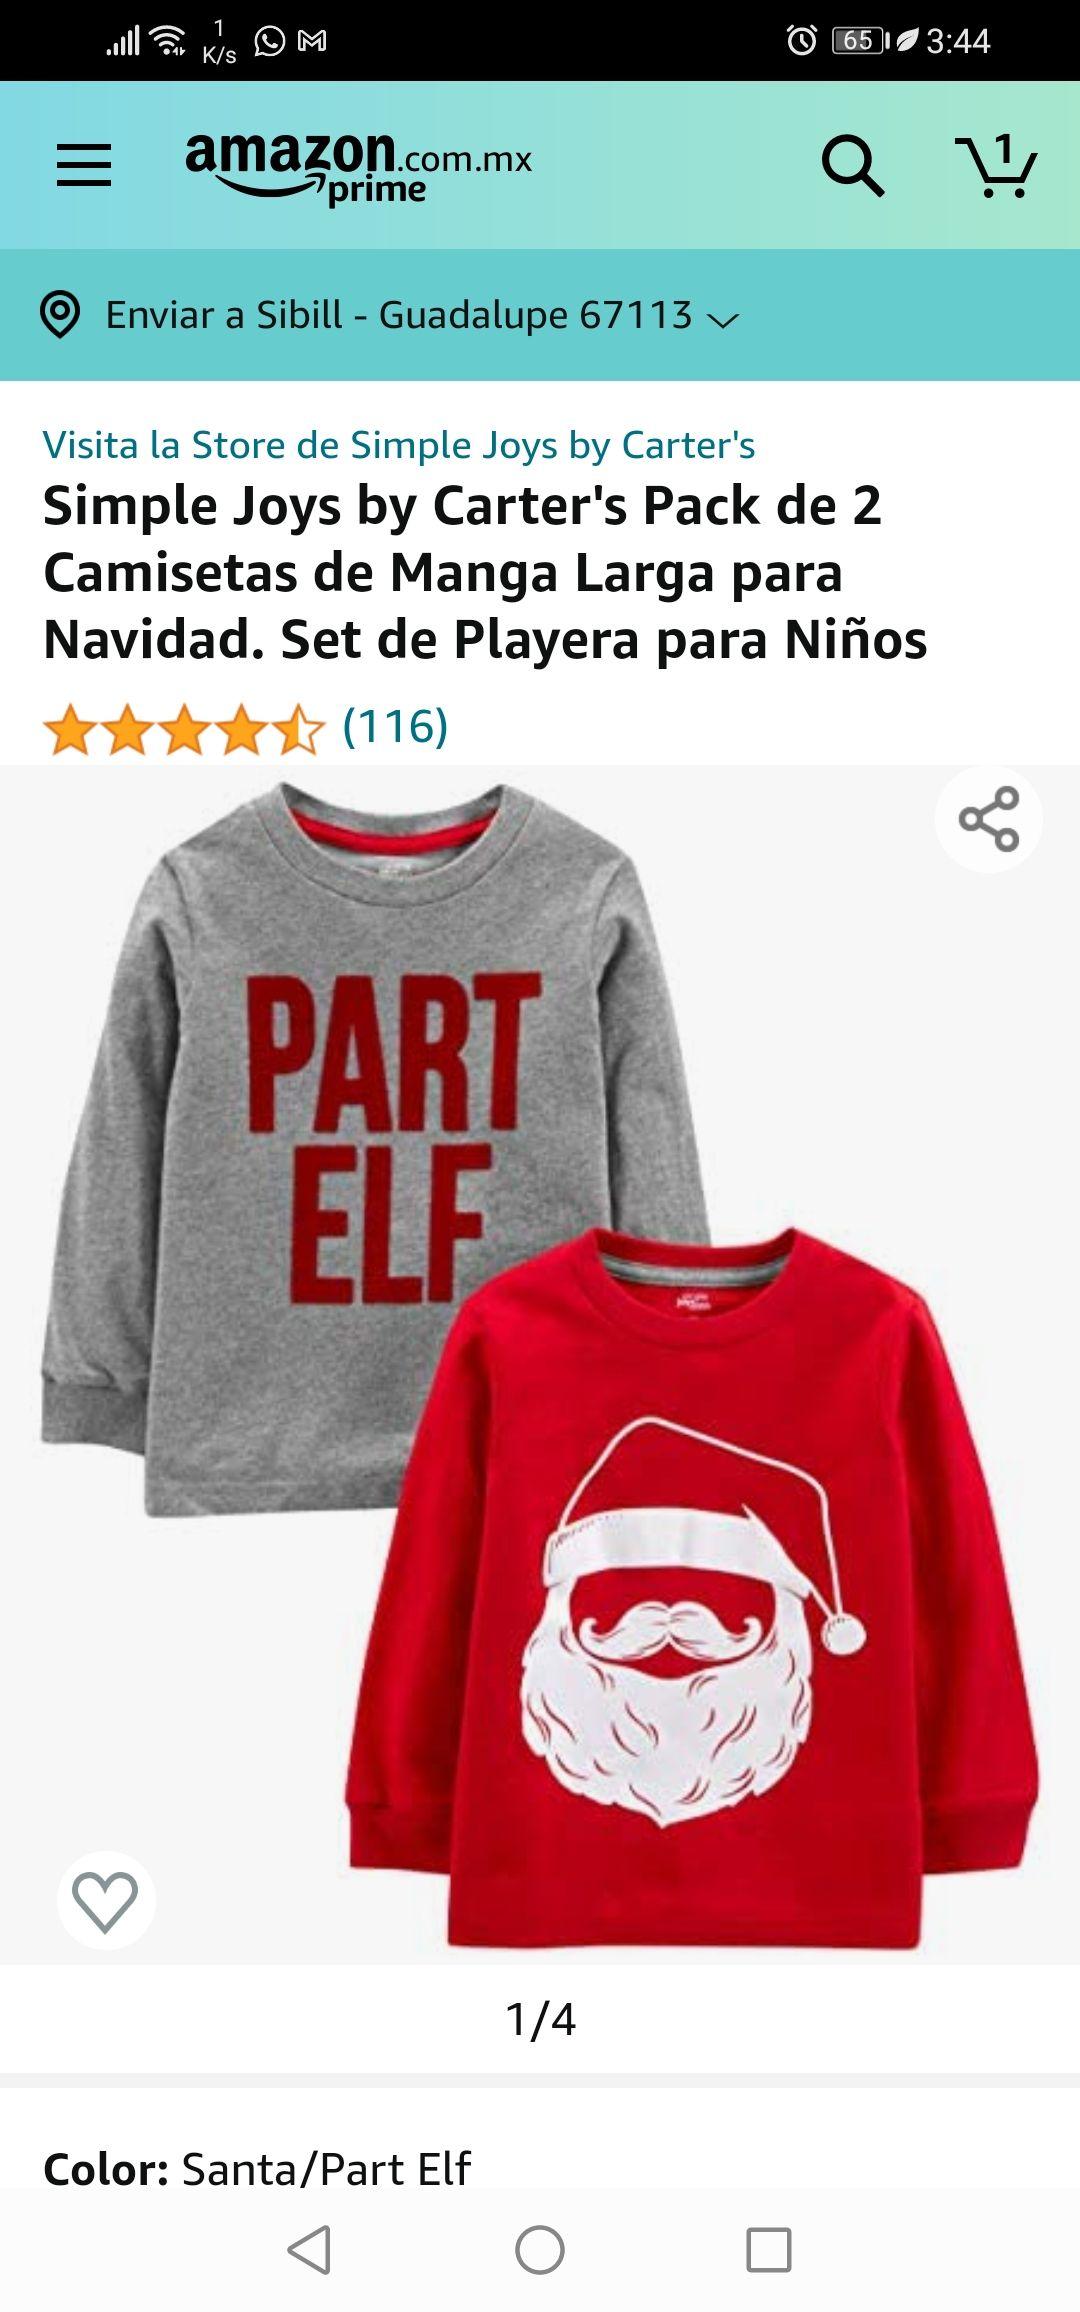 Amazon México: Pack de 2 Camisetas de Manga Larga para Navidad